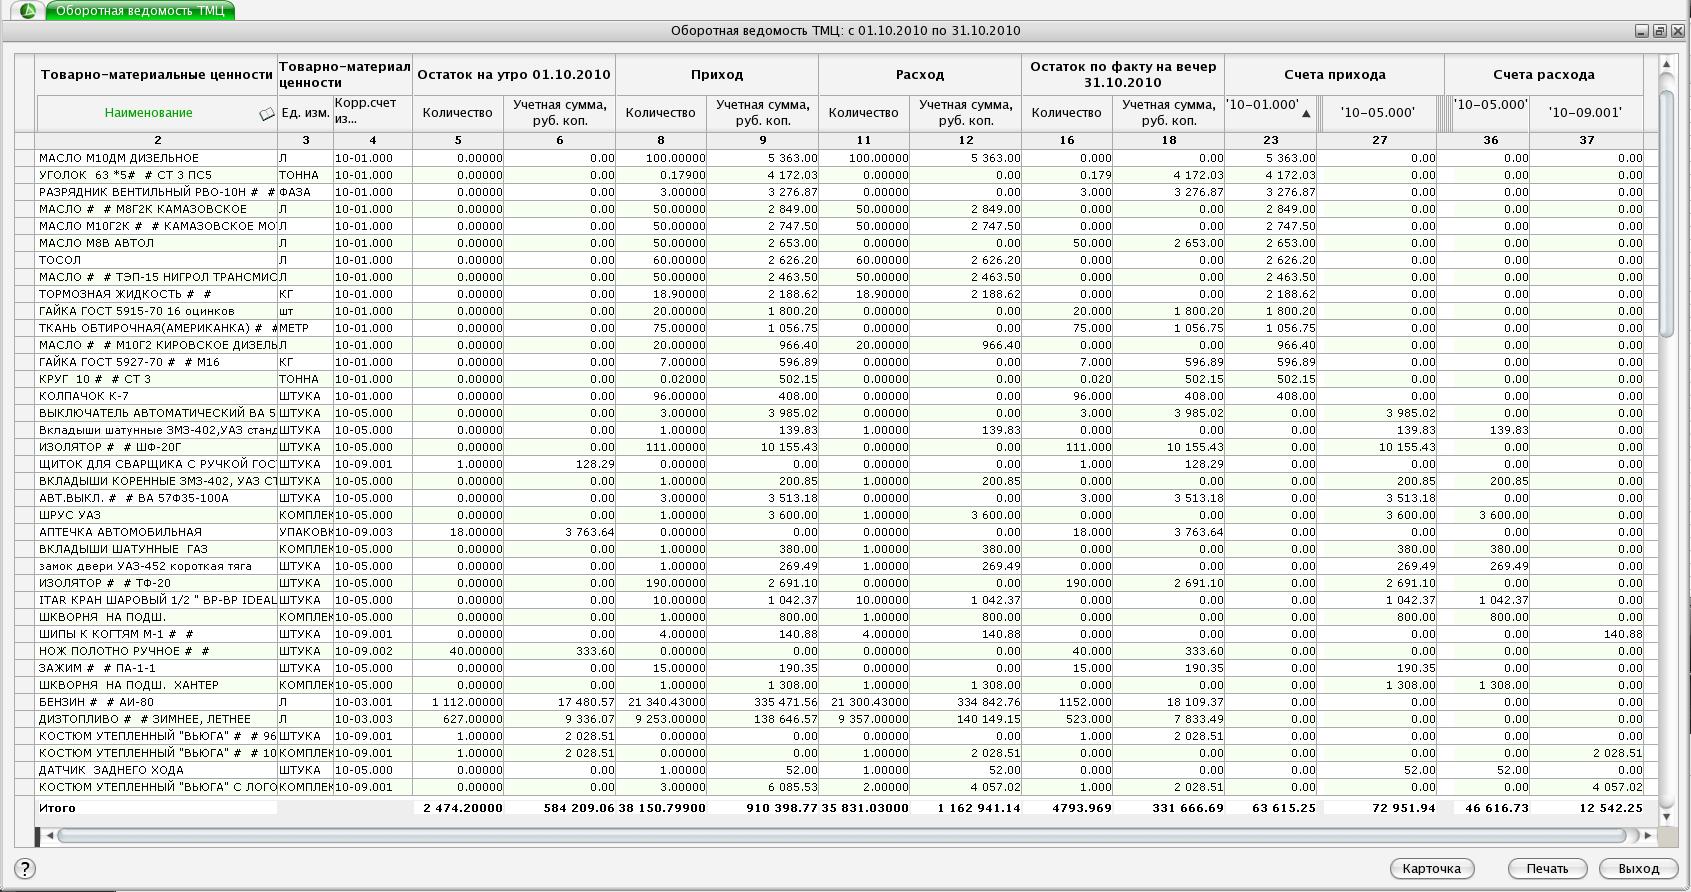 Схема прихода расхода